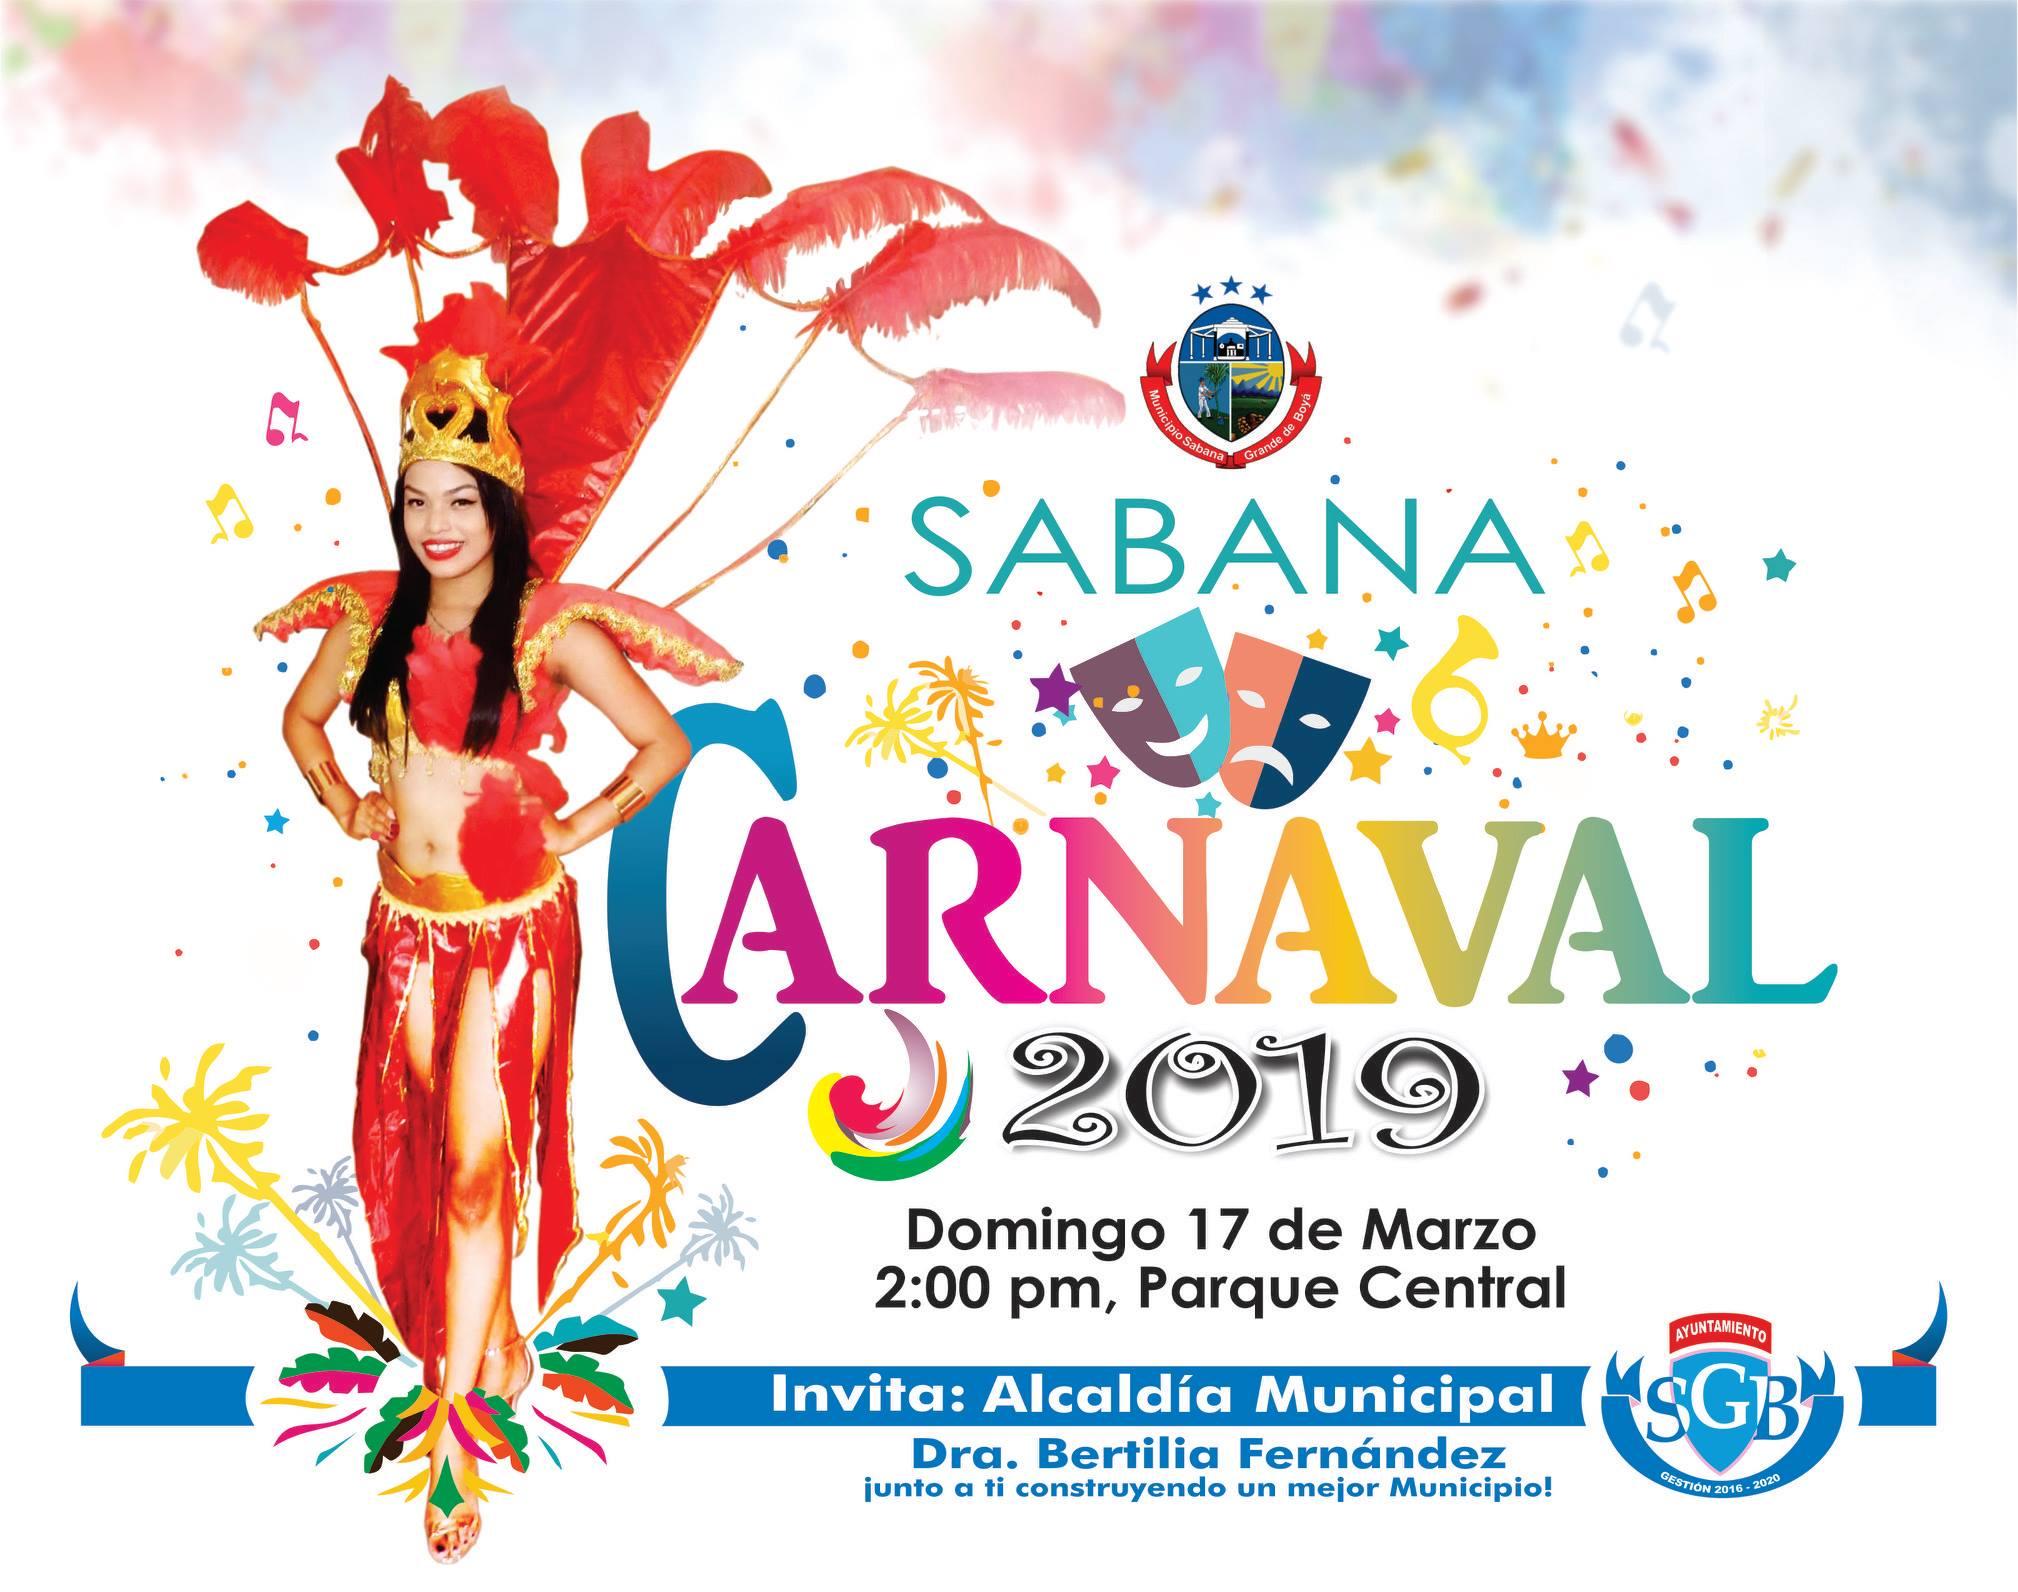 INVITACION AL CARNAVAL 2019